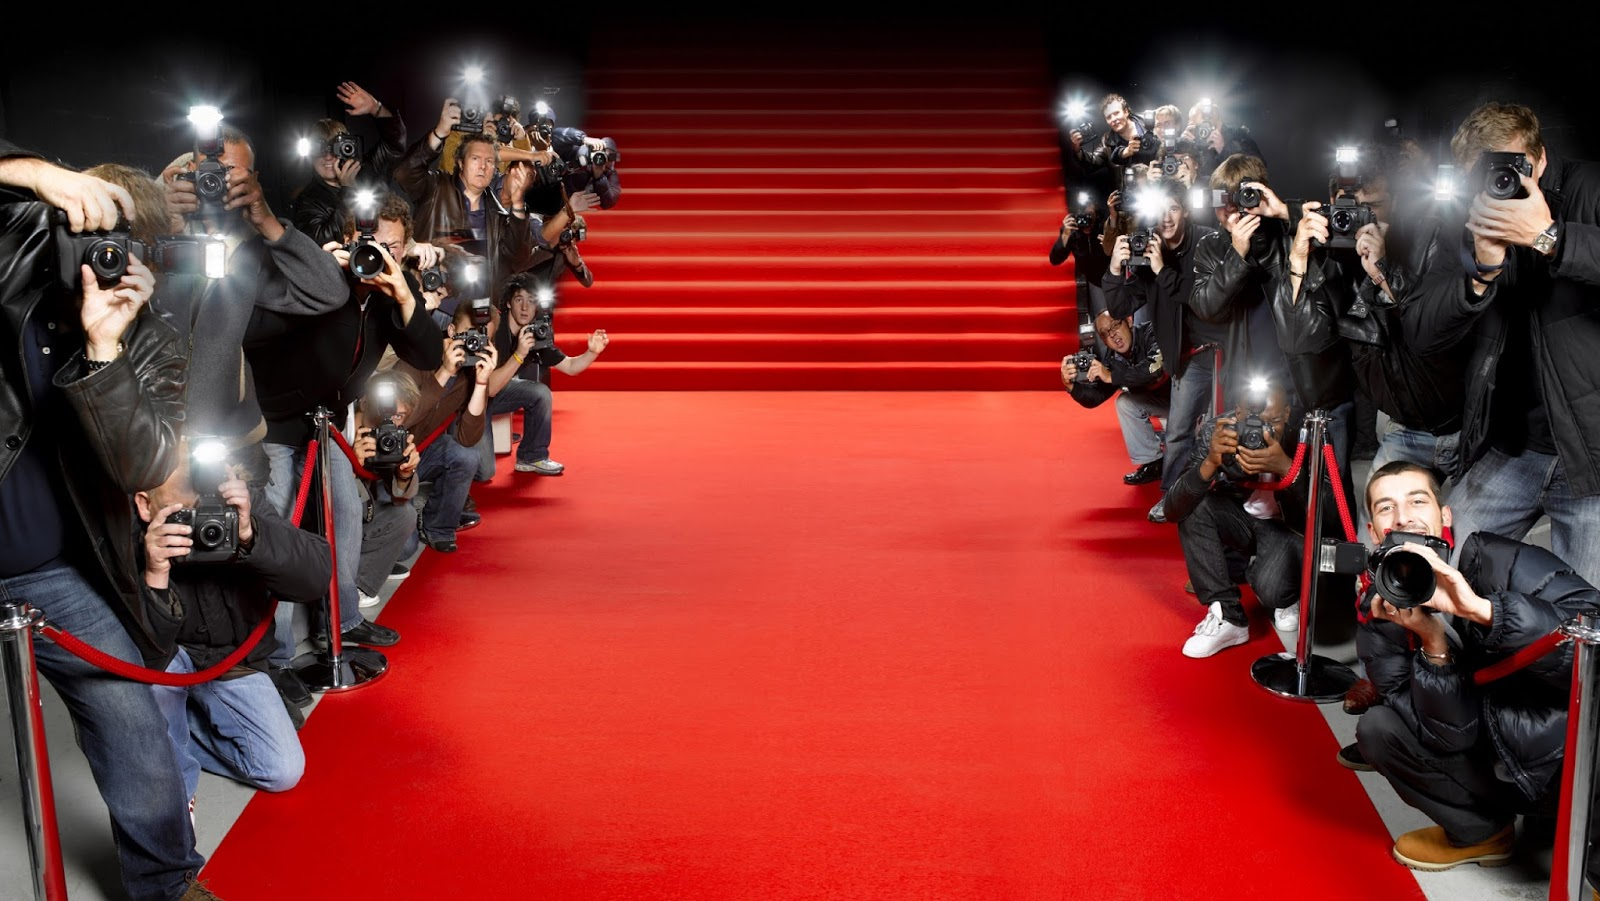 بالصور كيف تصبح مشهور , طريقك لتحقيق الشهرة 1149